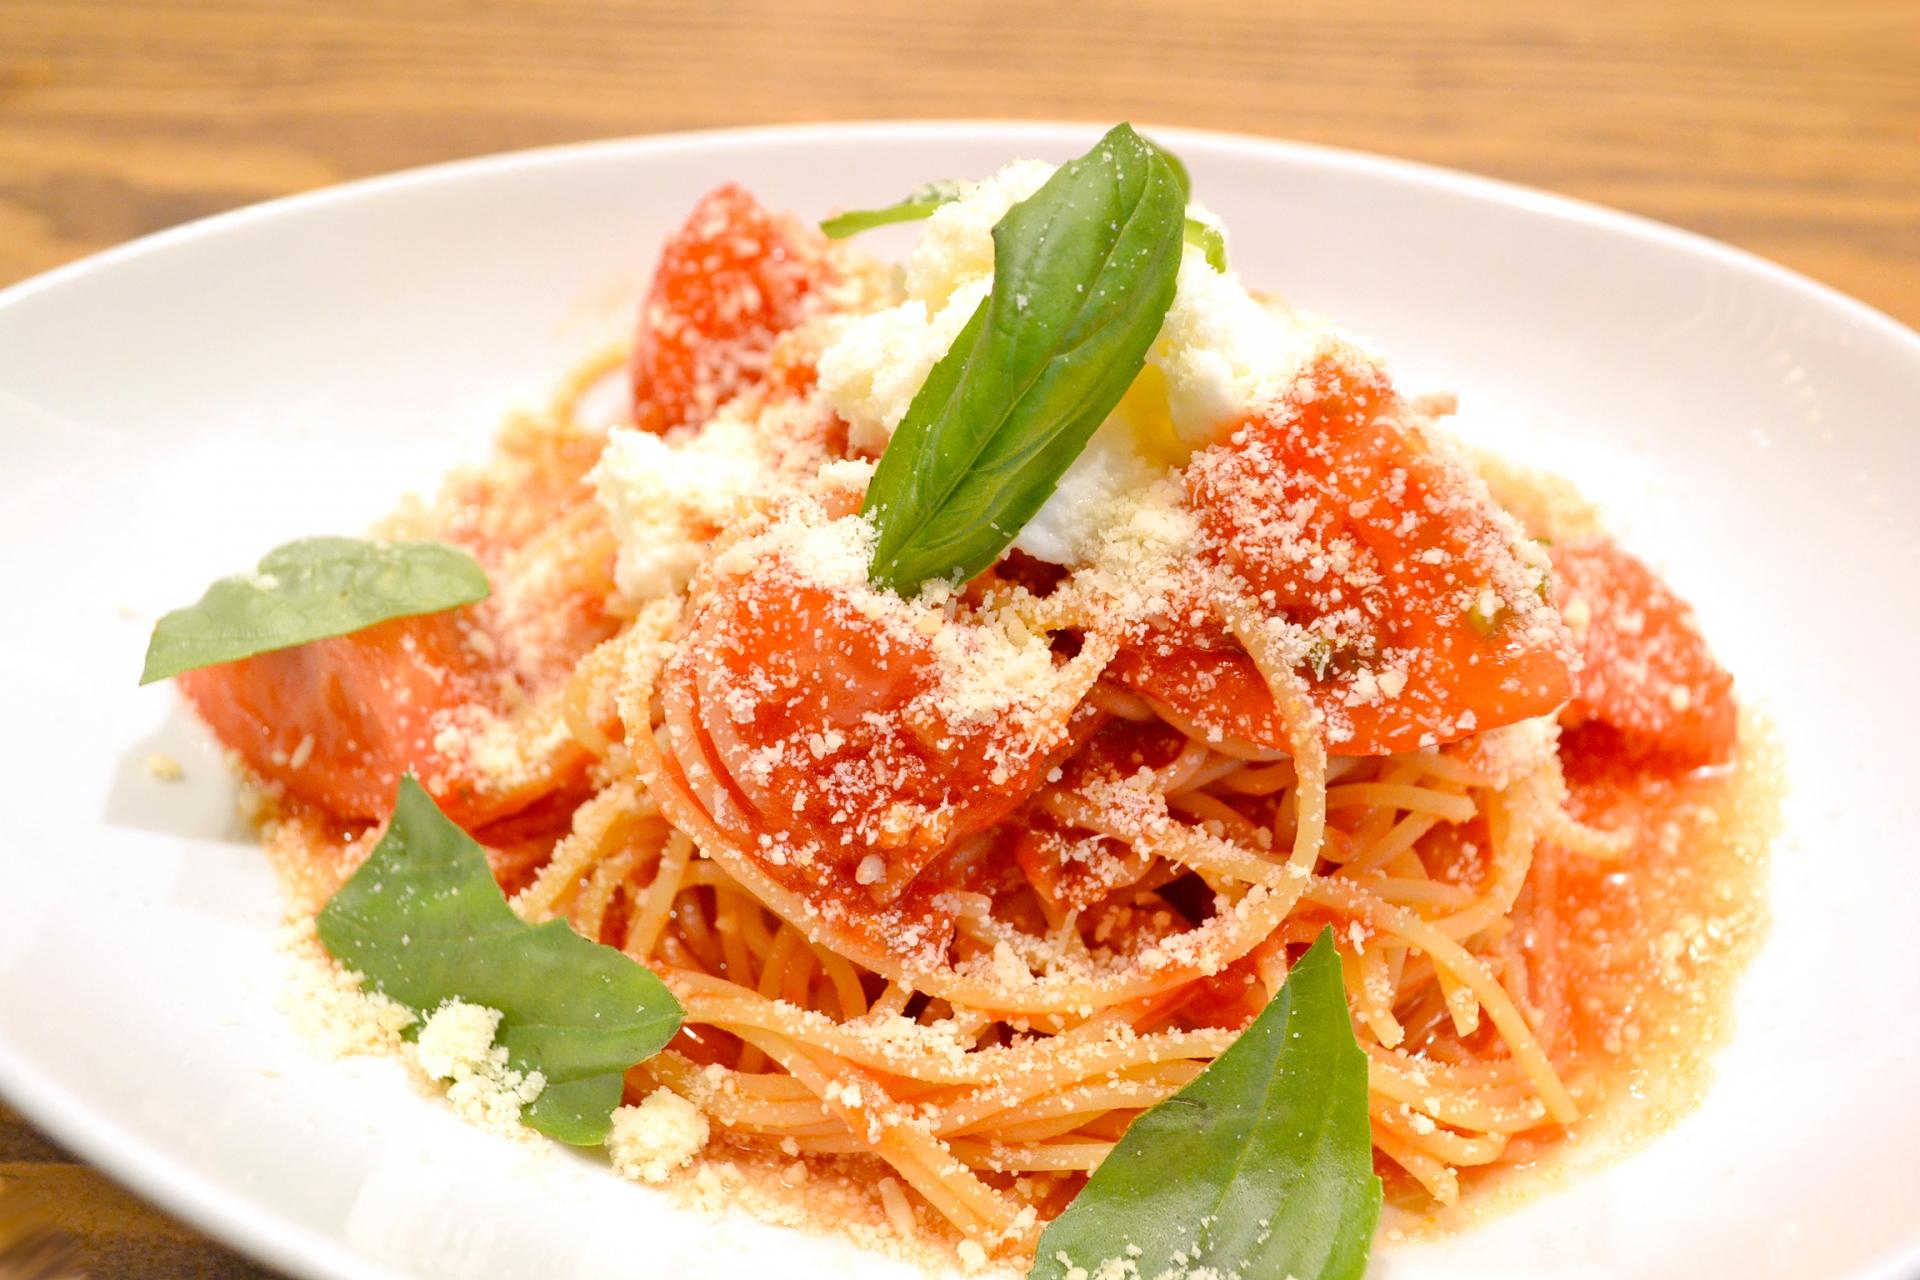 板宿ランチで行きたいお店集!和食・洋食やイタリアン等のおすすめ紹介!